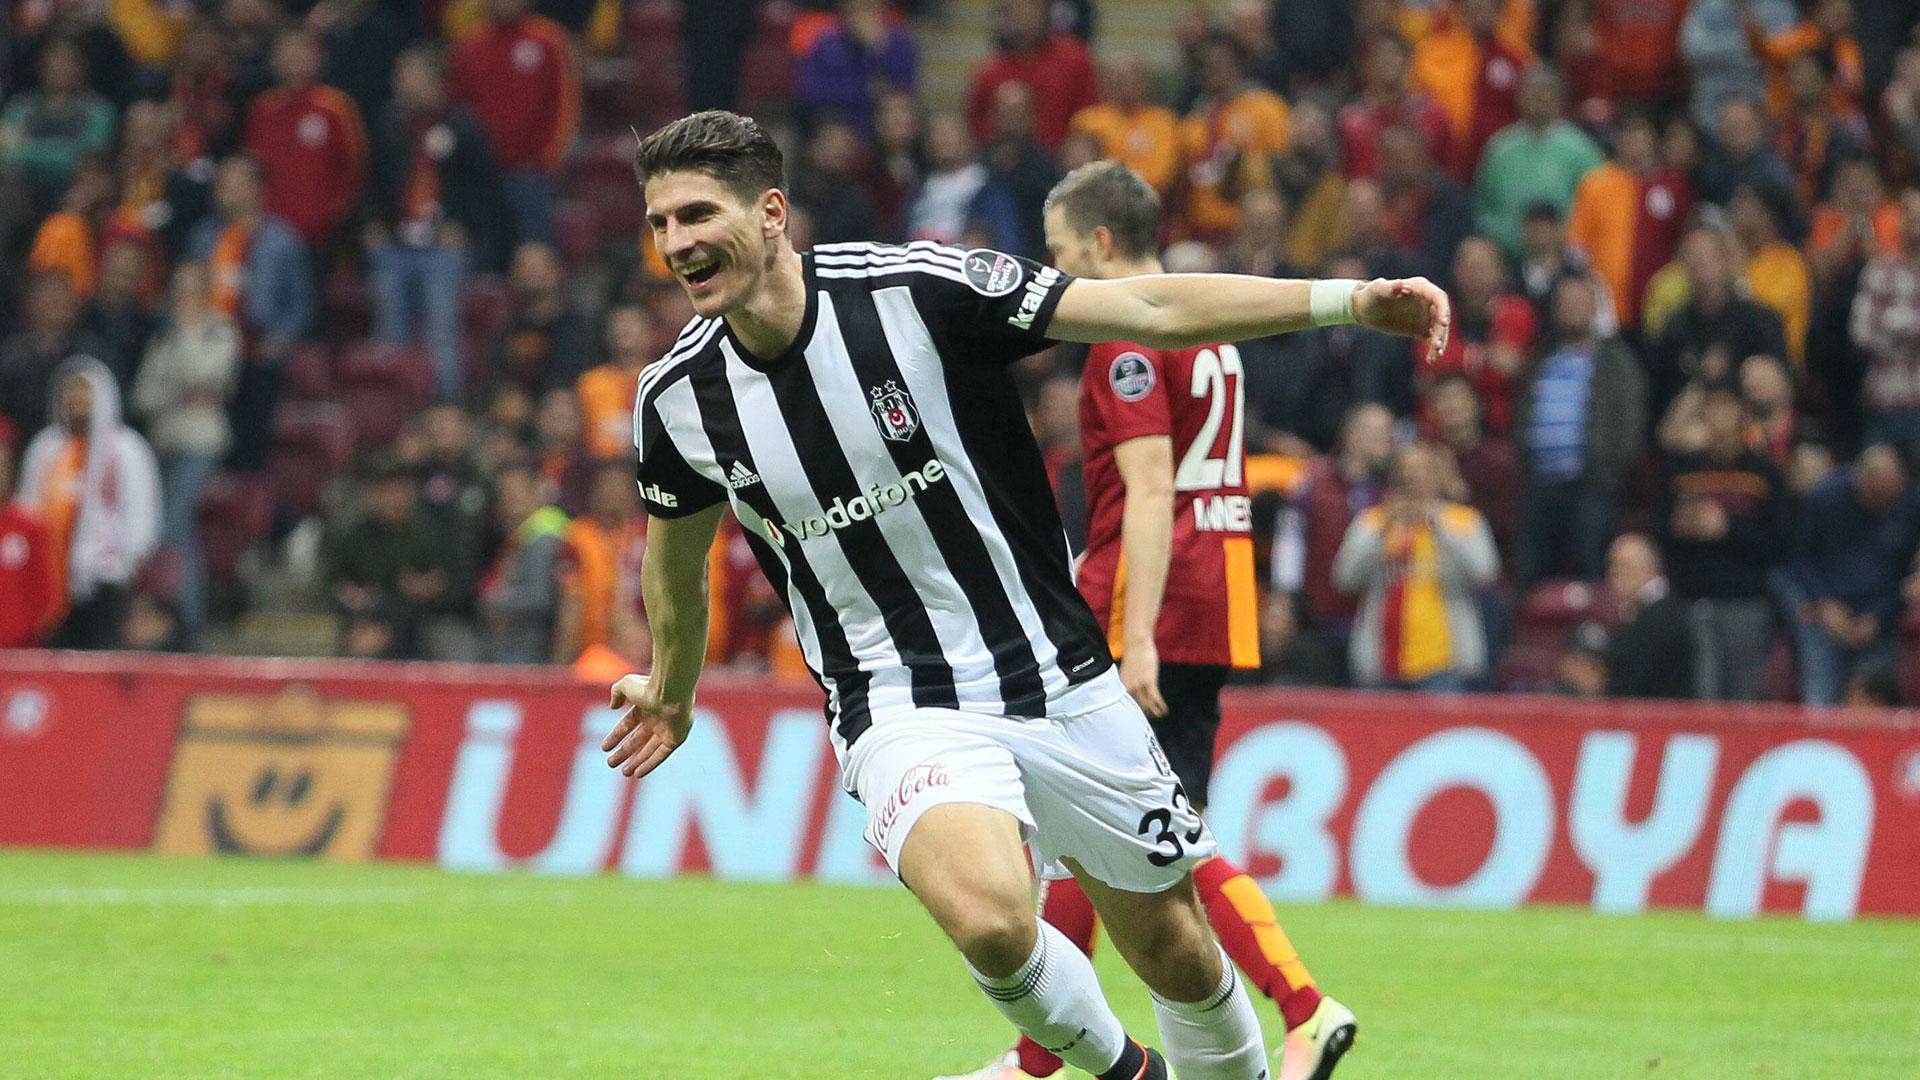 Mario Gomez futbola veda ediyor